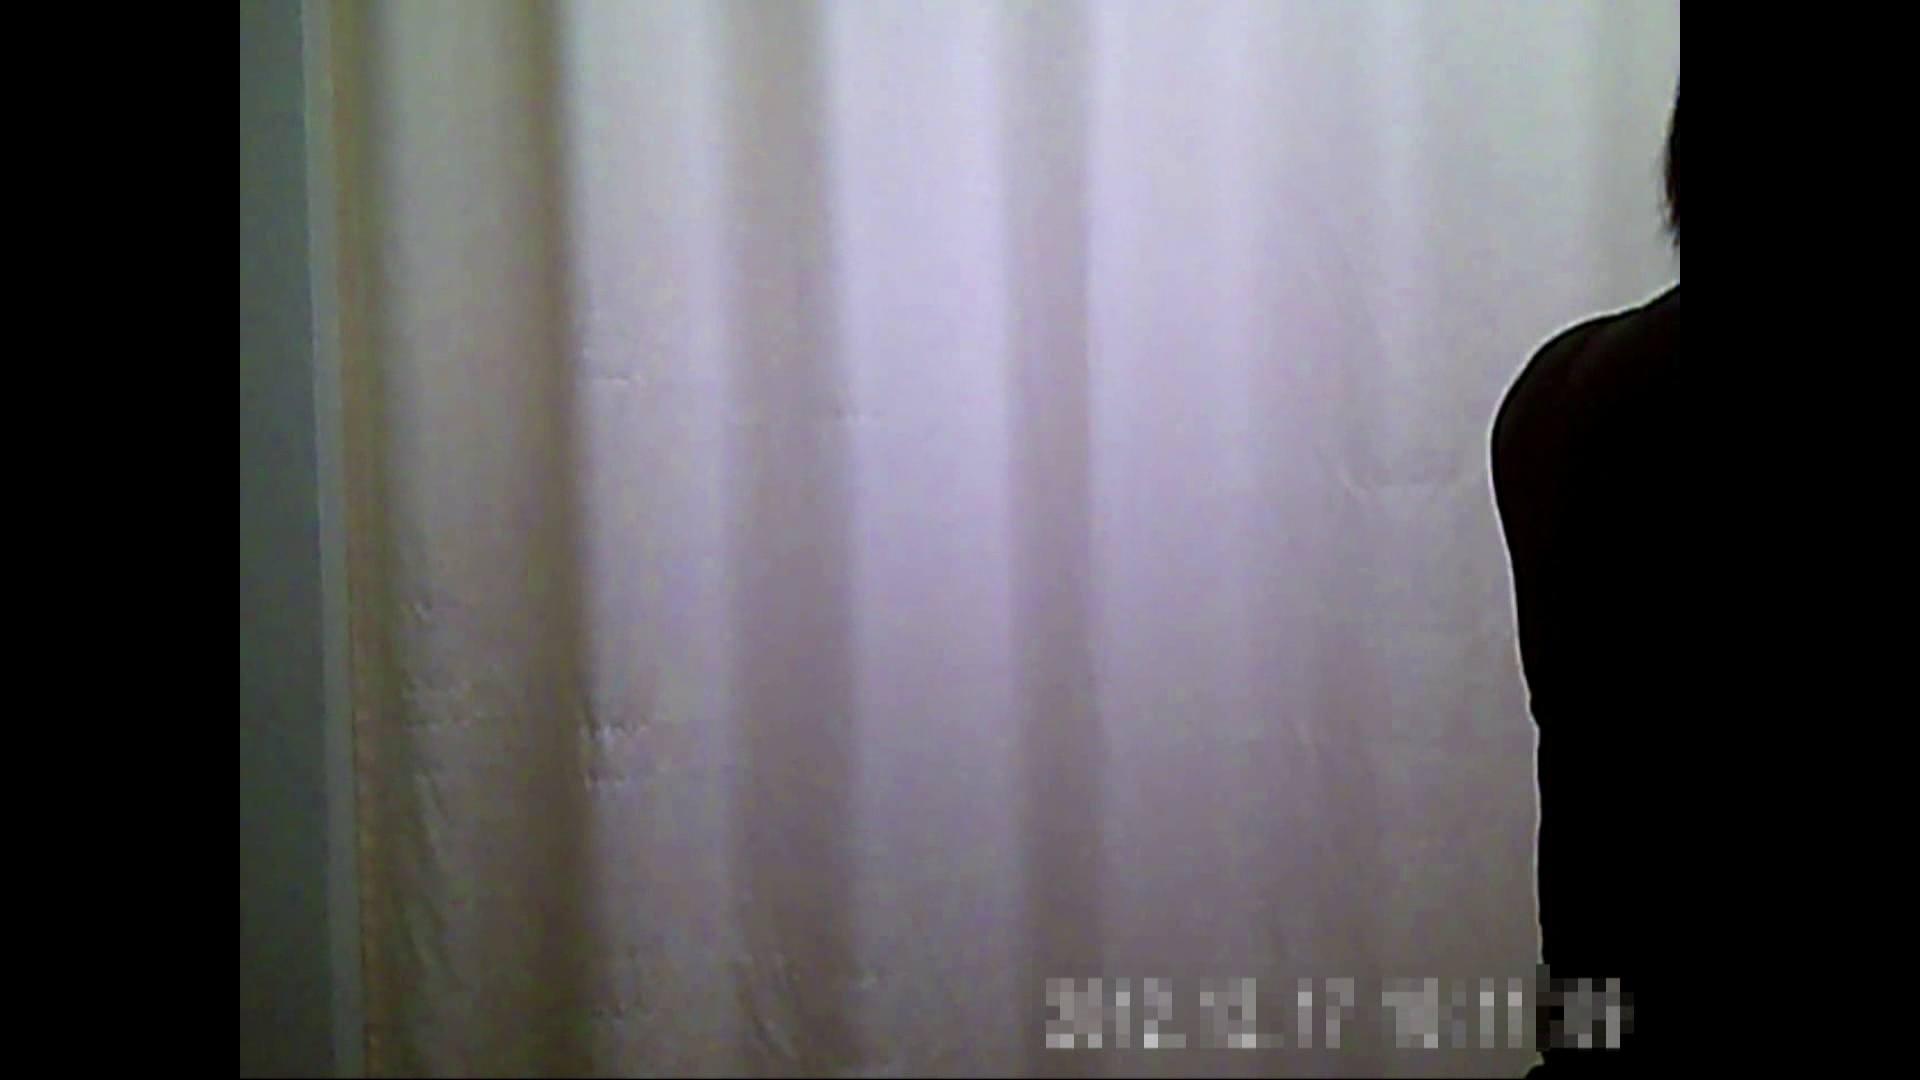 元医者による反抗 更衣室地獄絵巻 vol.117 OL  102pic 72